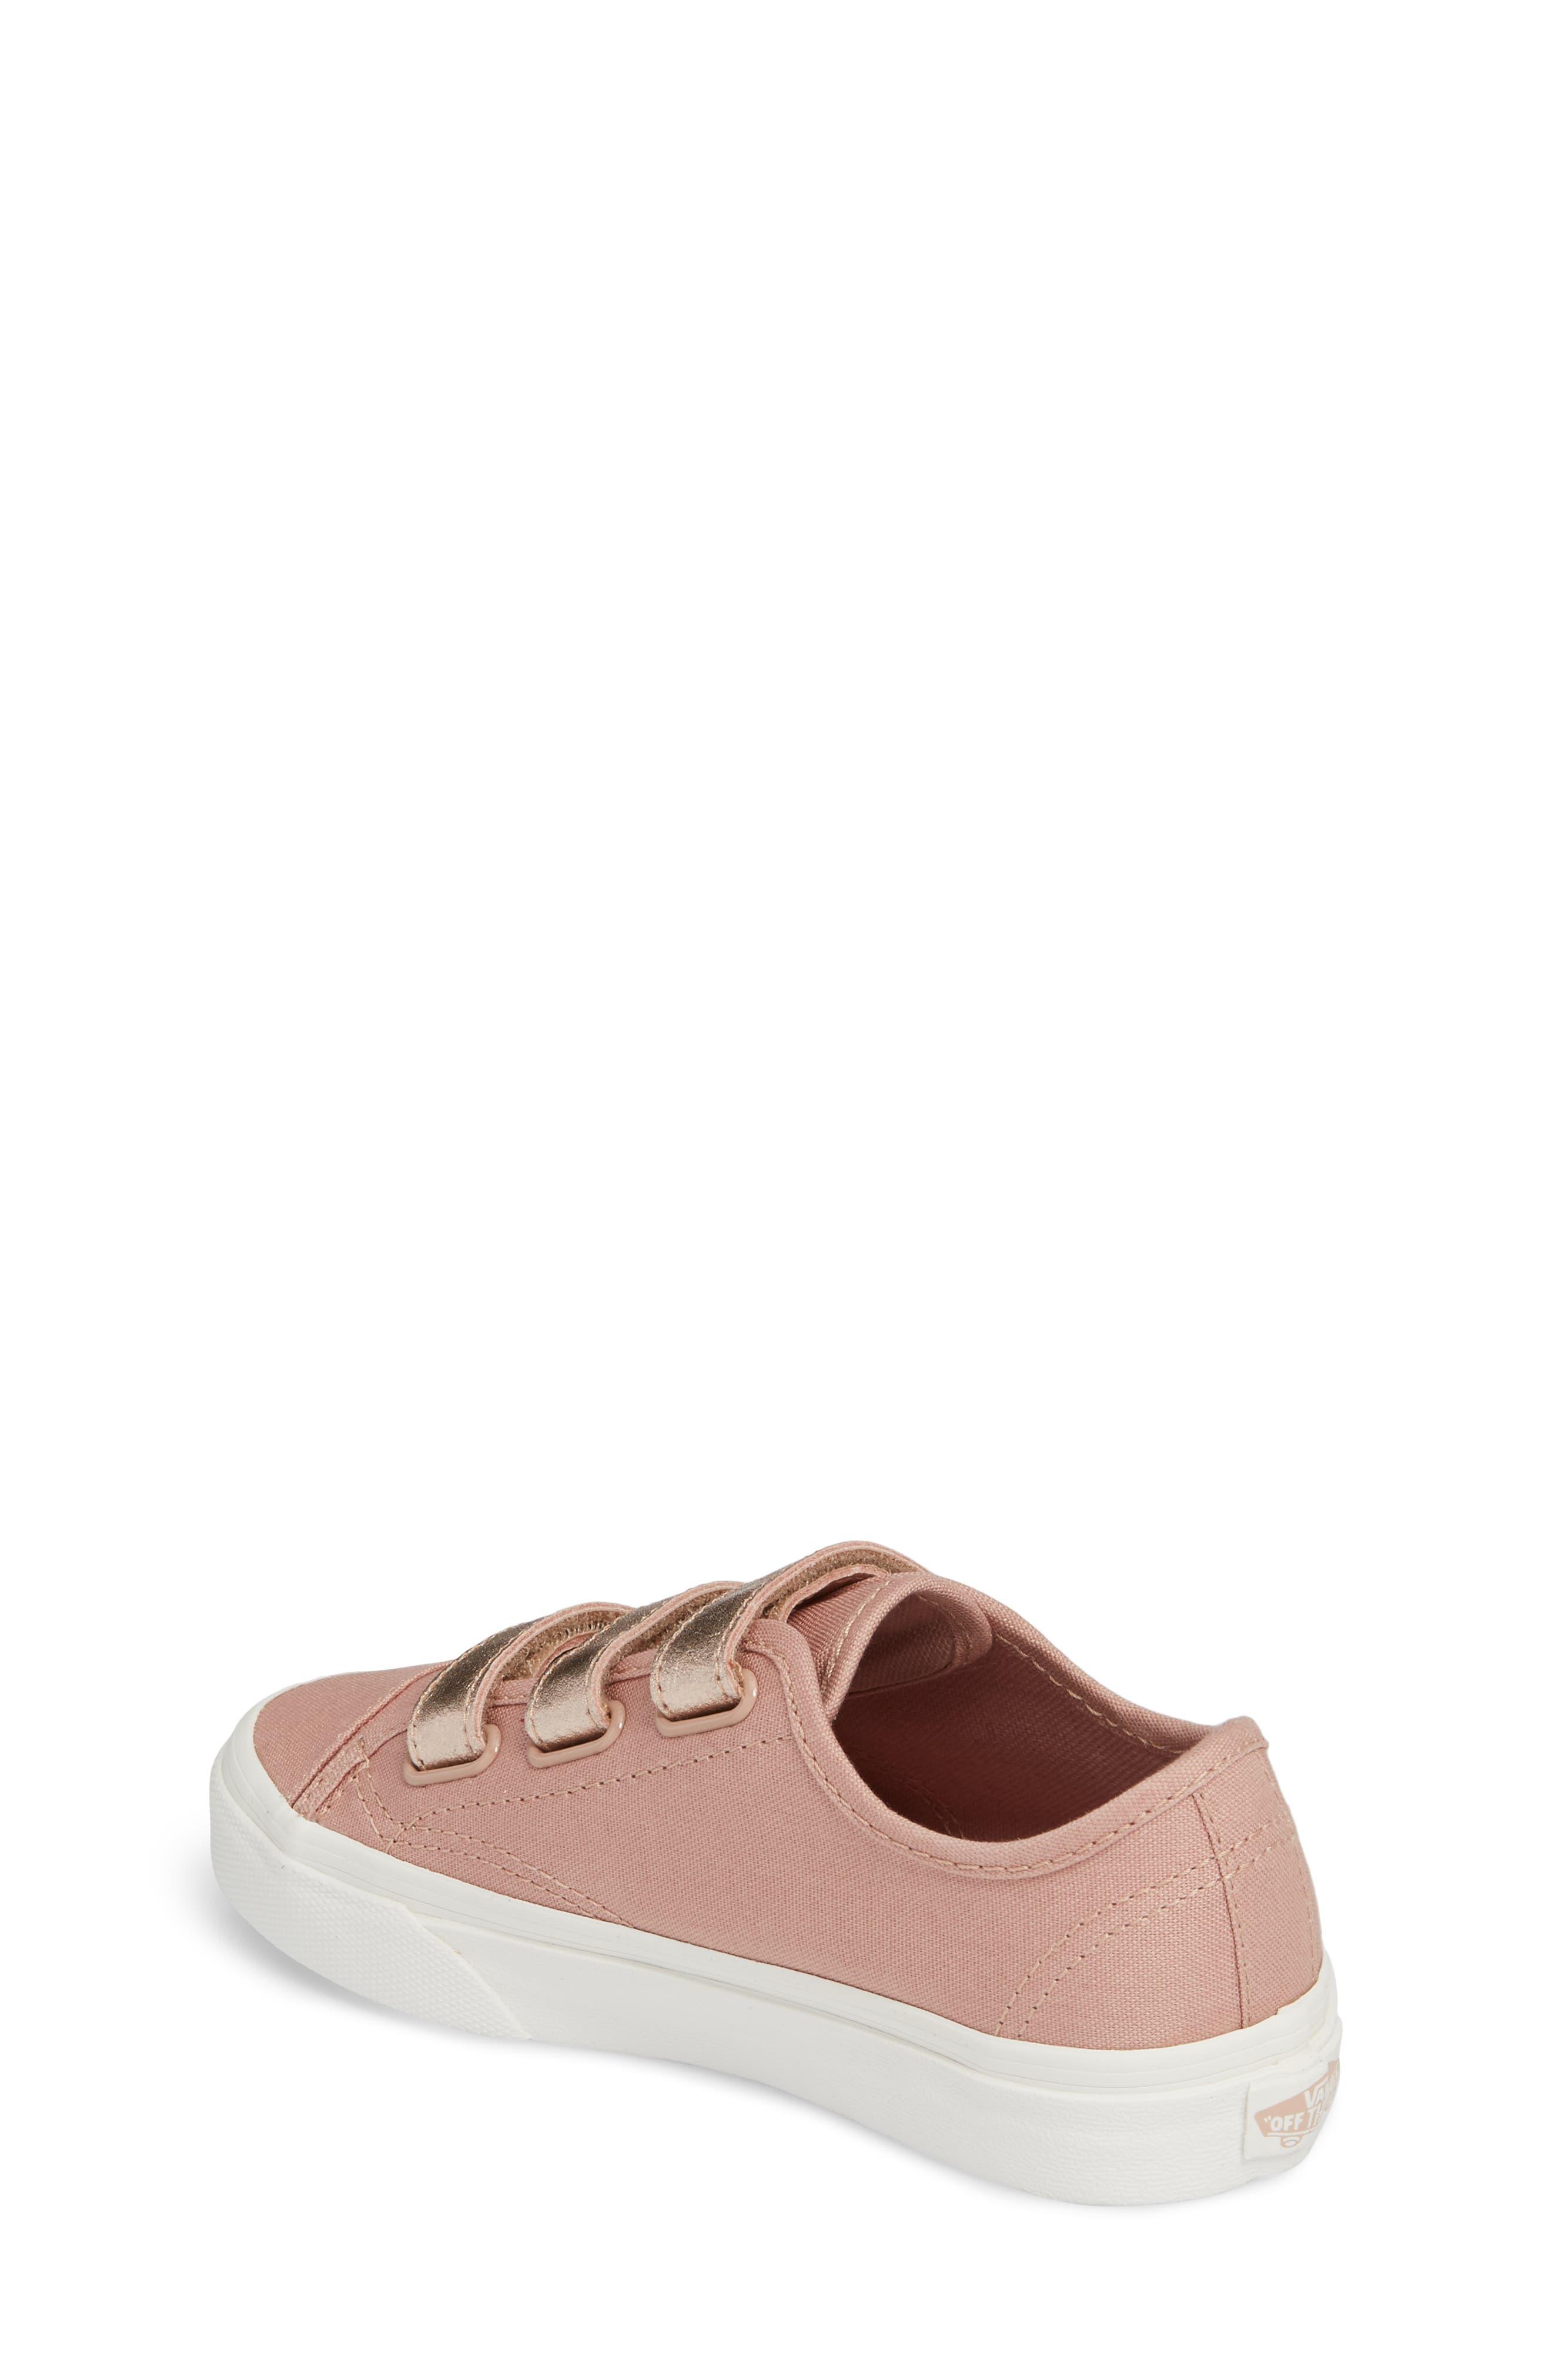 Style 23V Sneaker,                             Alternate thumbnail 2, color,                             220